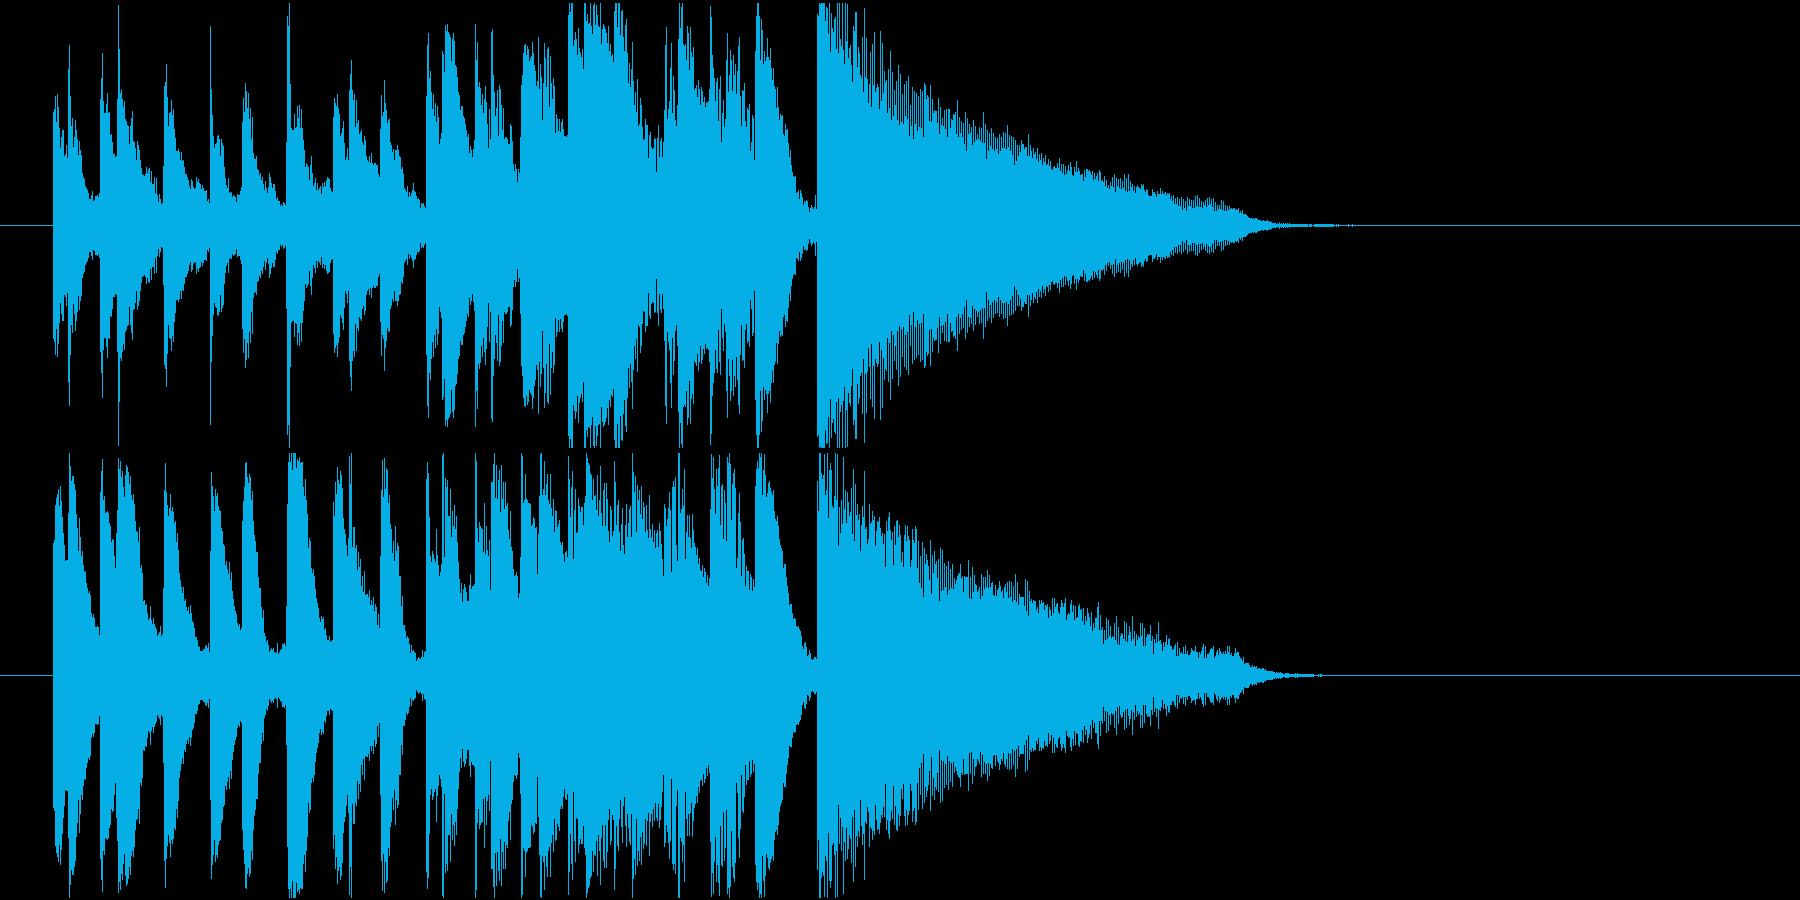 アイキャッチに使える10秒ピアノ・前半の再生済みの波形